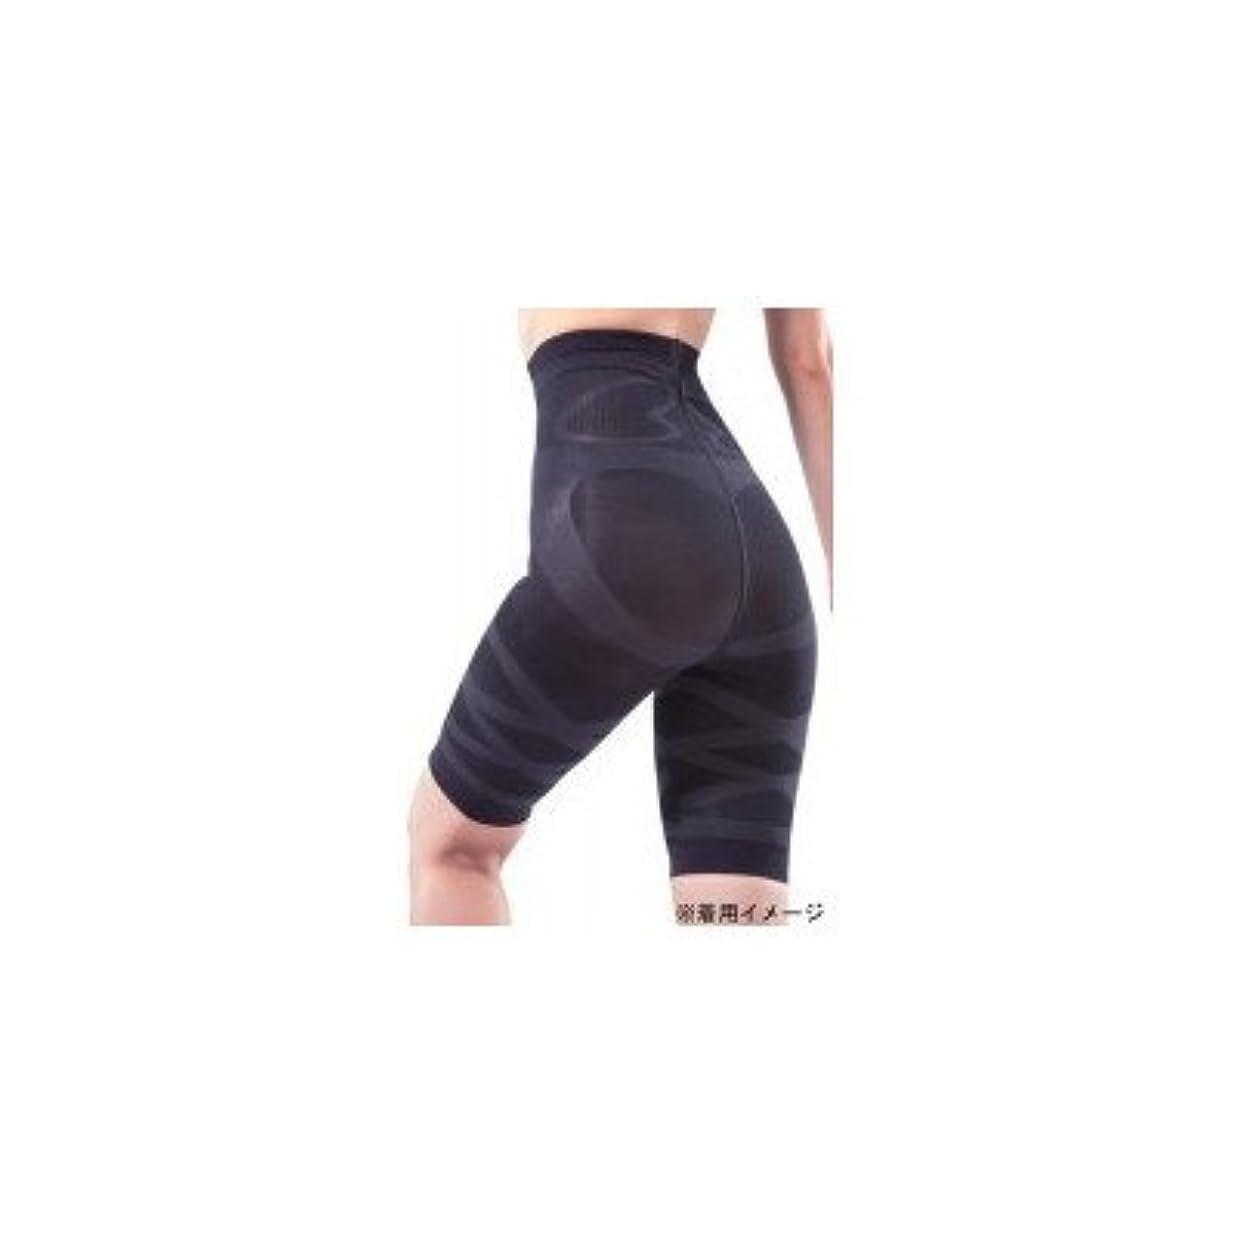 揃える靴下復活ポスチュアビューティ ハイウエストインナー M-L( 画像はイメージ画像です お届けの商品はM-Lのみとなります)